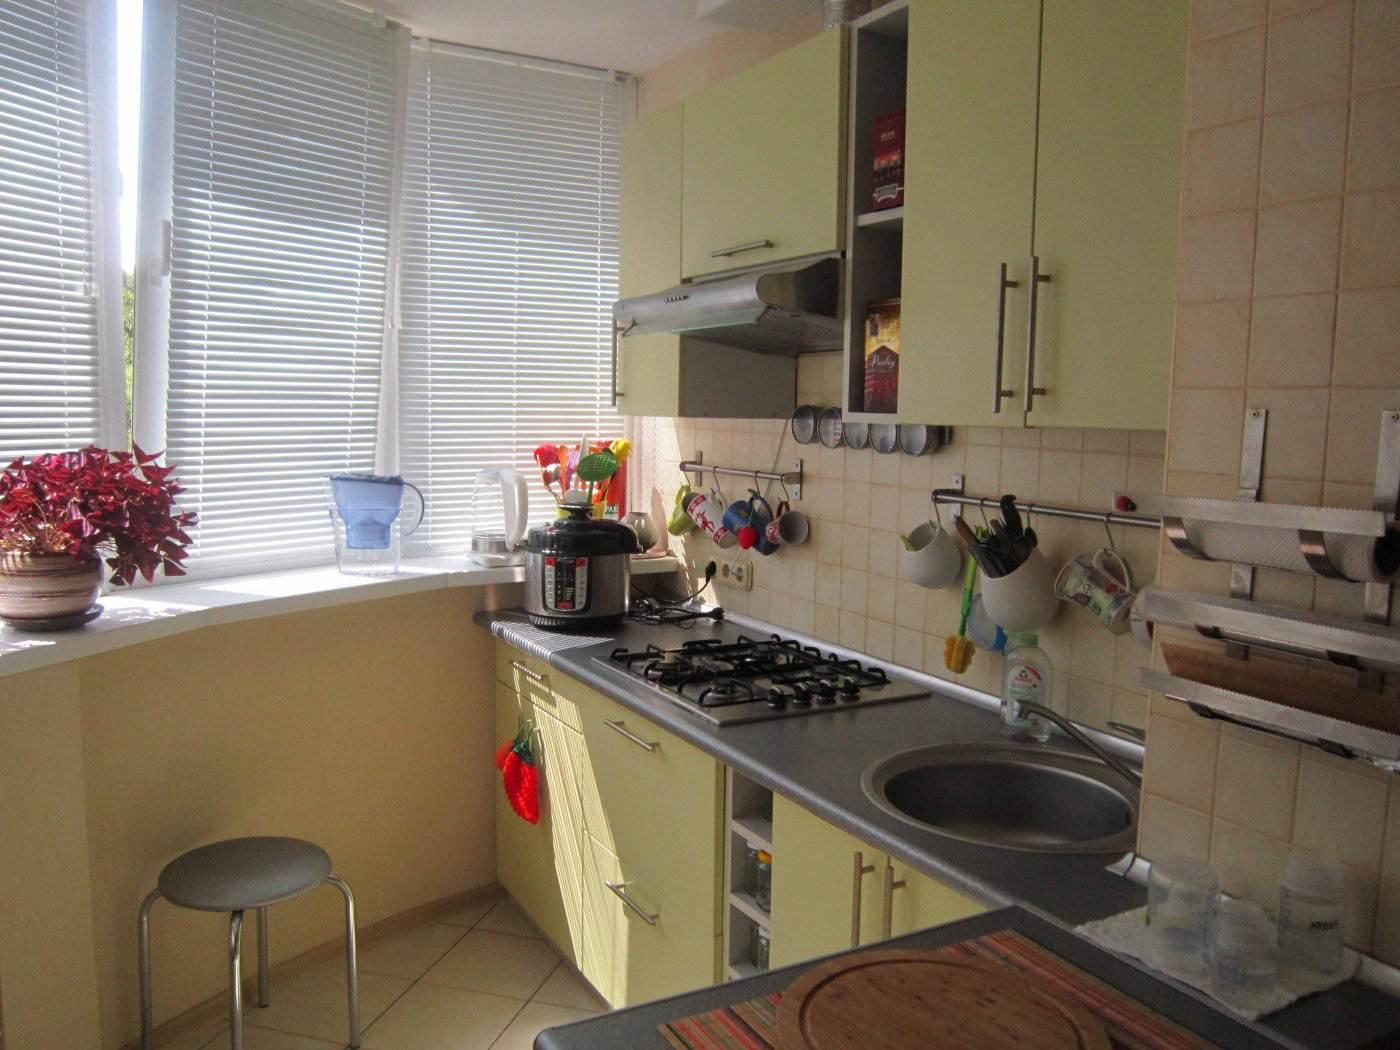 Ремонт кухни своими руками поэтапно: с чего начать отделку квартиры? 8